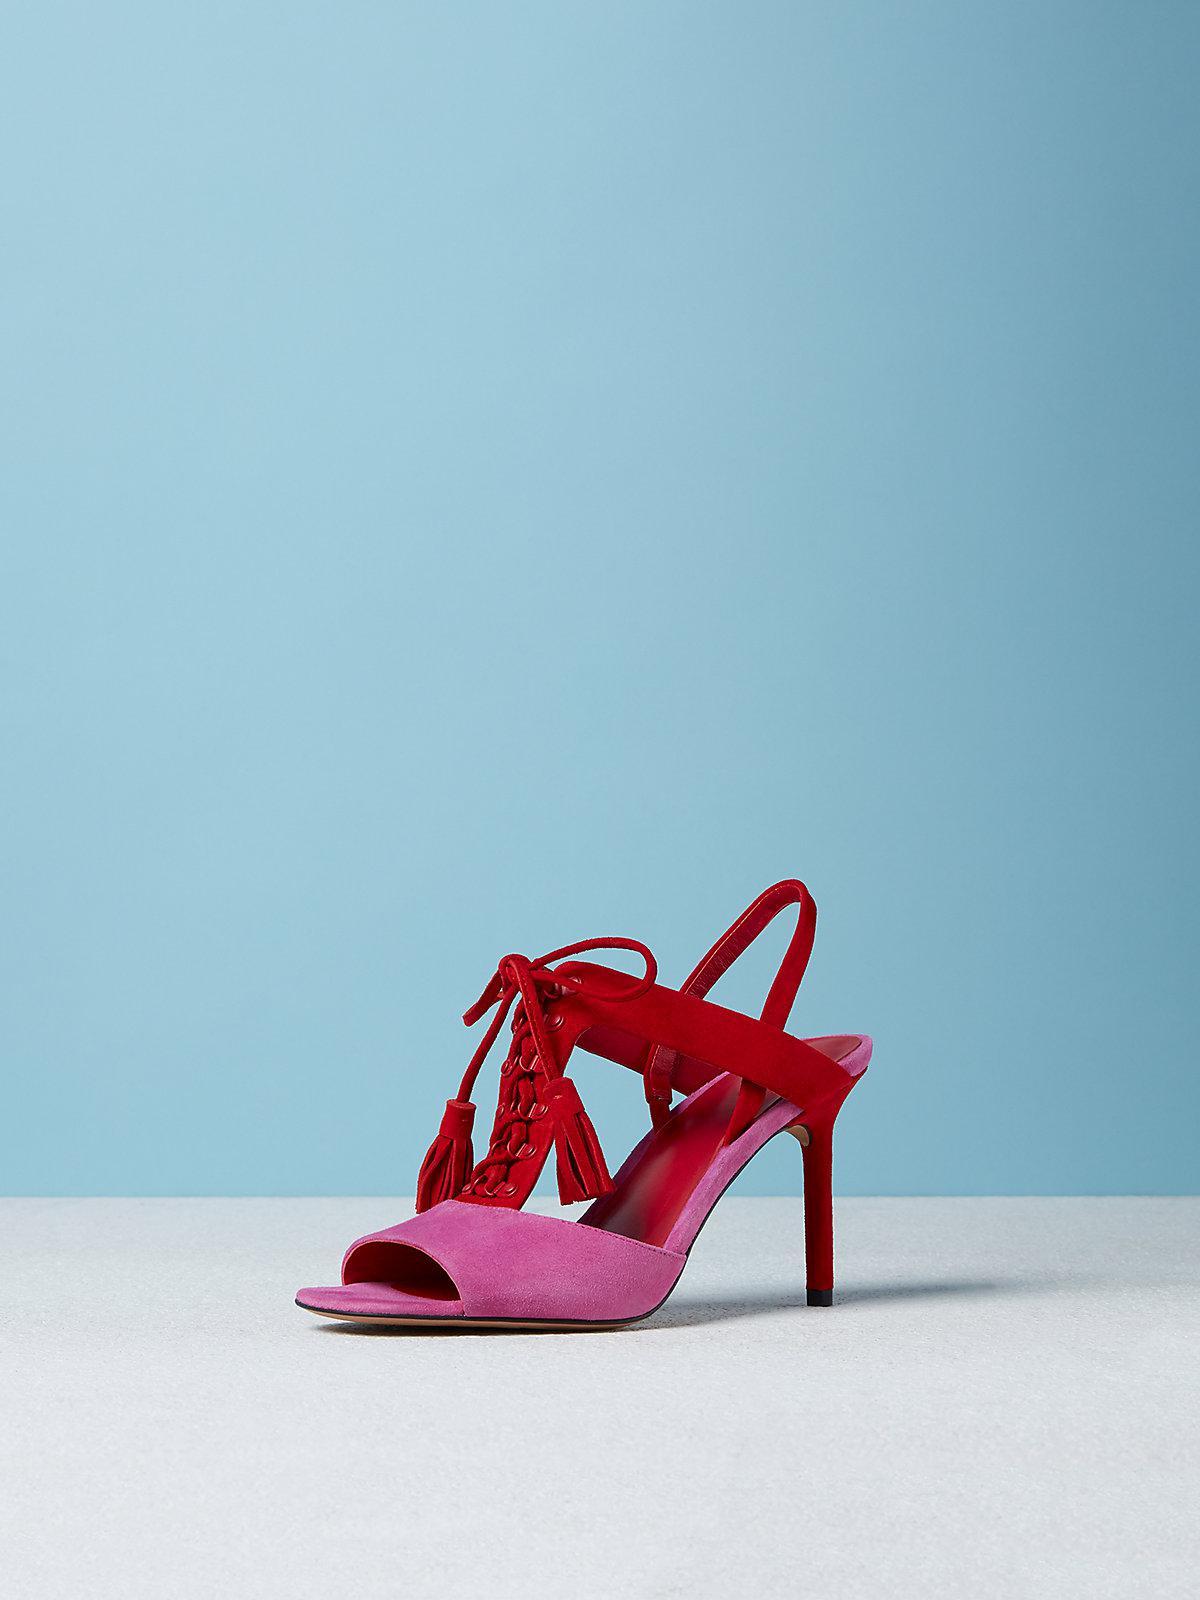 Diane von Furstenberg product